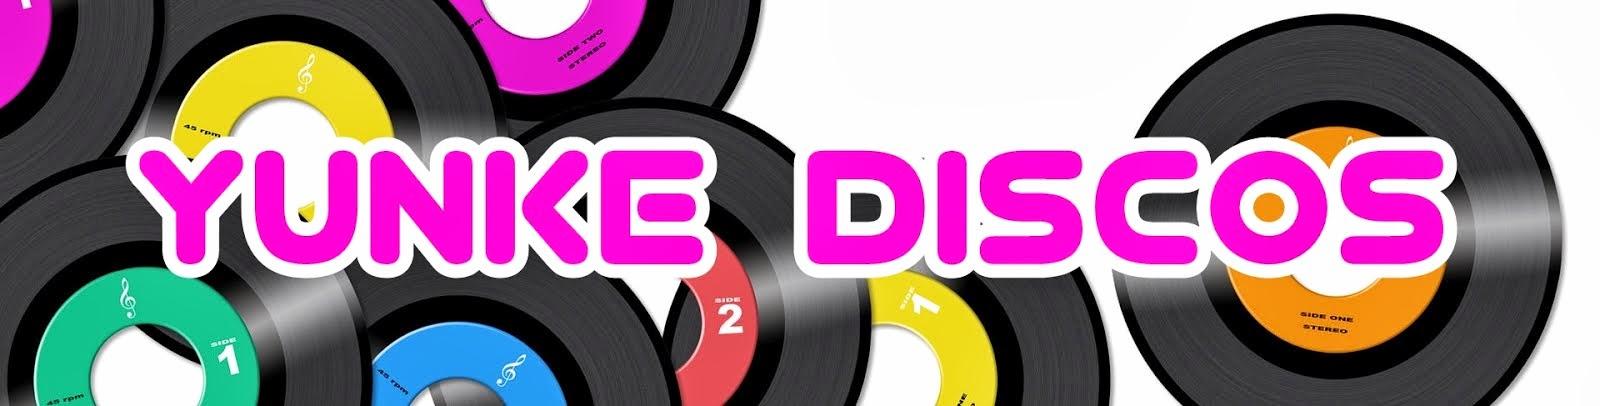 Compra y venta de música Madrid │ YUNKE Discos